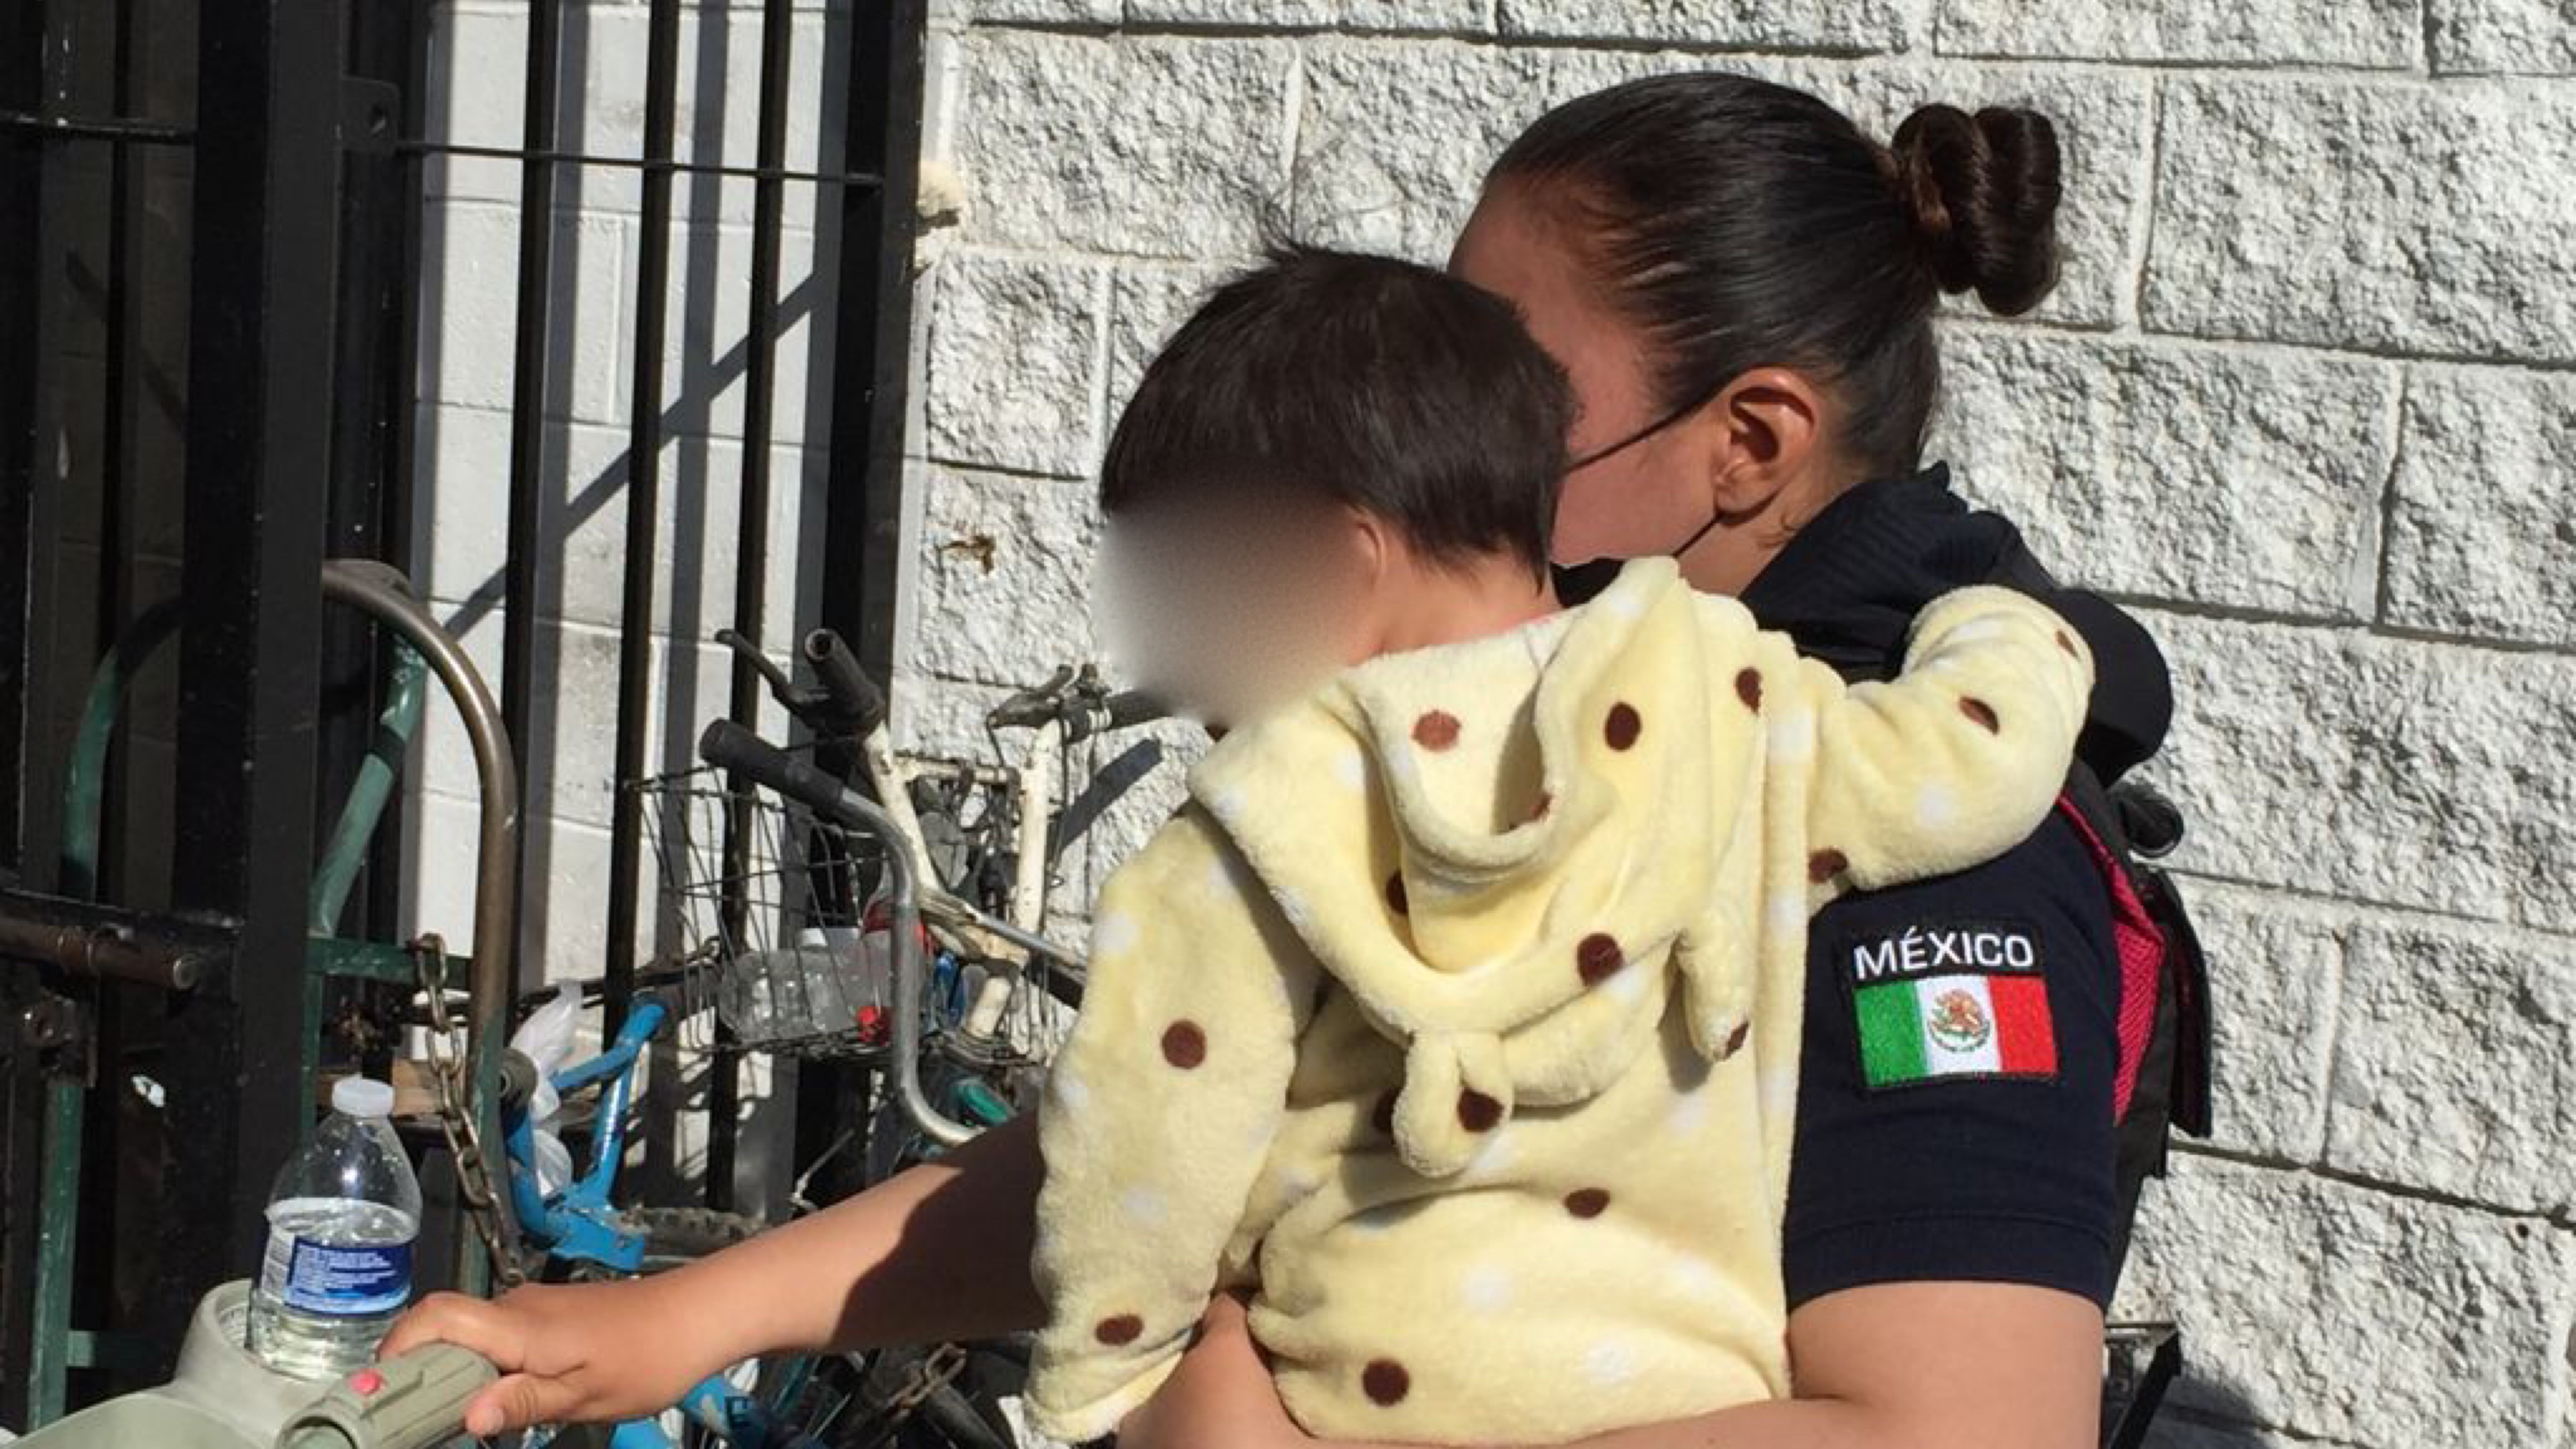 Mujer-abandona-a-tres-menores-en-calles-de-Ciudad-Juarez-Chihuahua